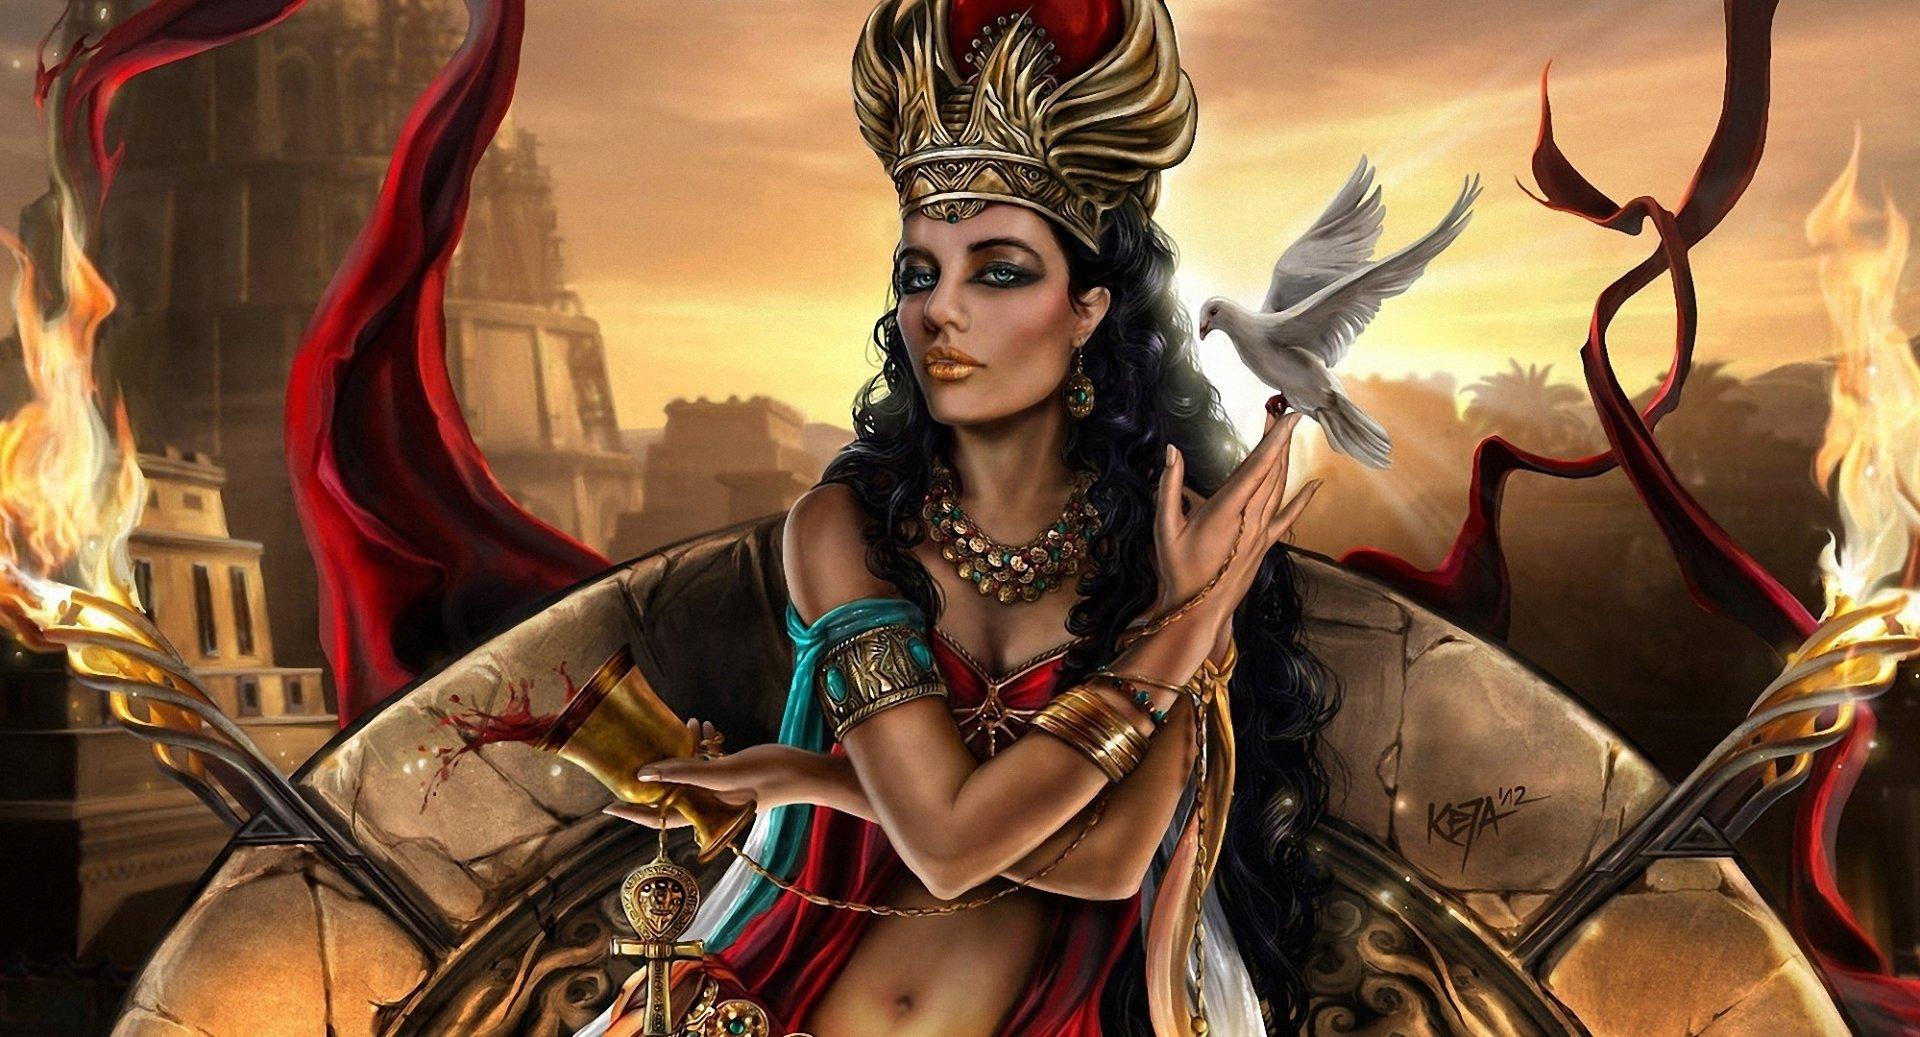 奇幻 - 神灵  艺术 God 女巫 CGI 数字艺术 摄影后期 奇幻 吸血鬼 Woman 皇后乐队 鸽子 首饰 壁纸